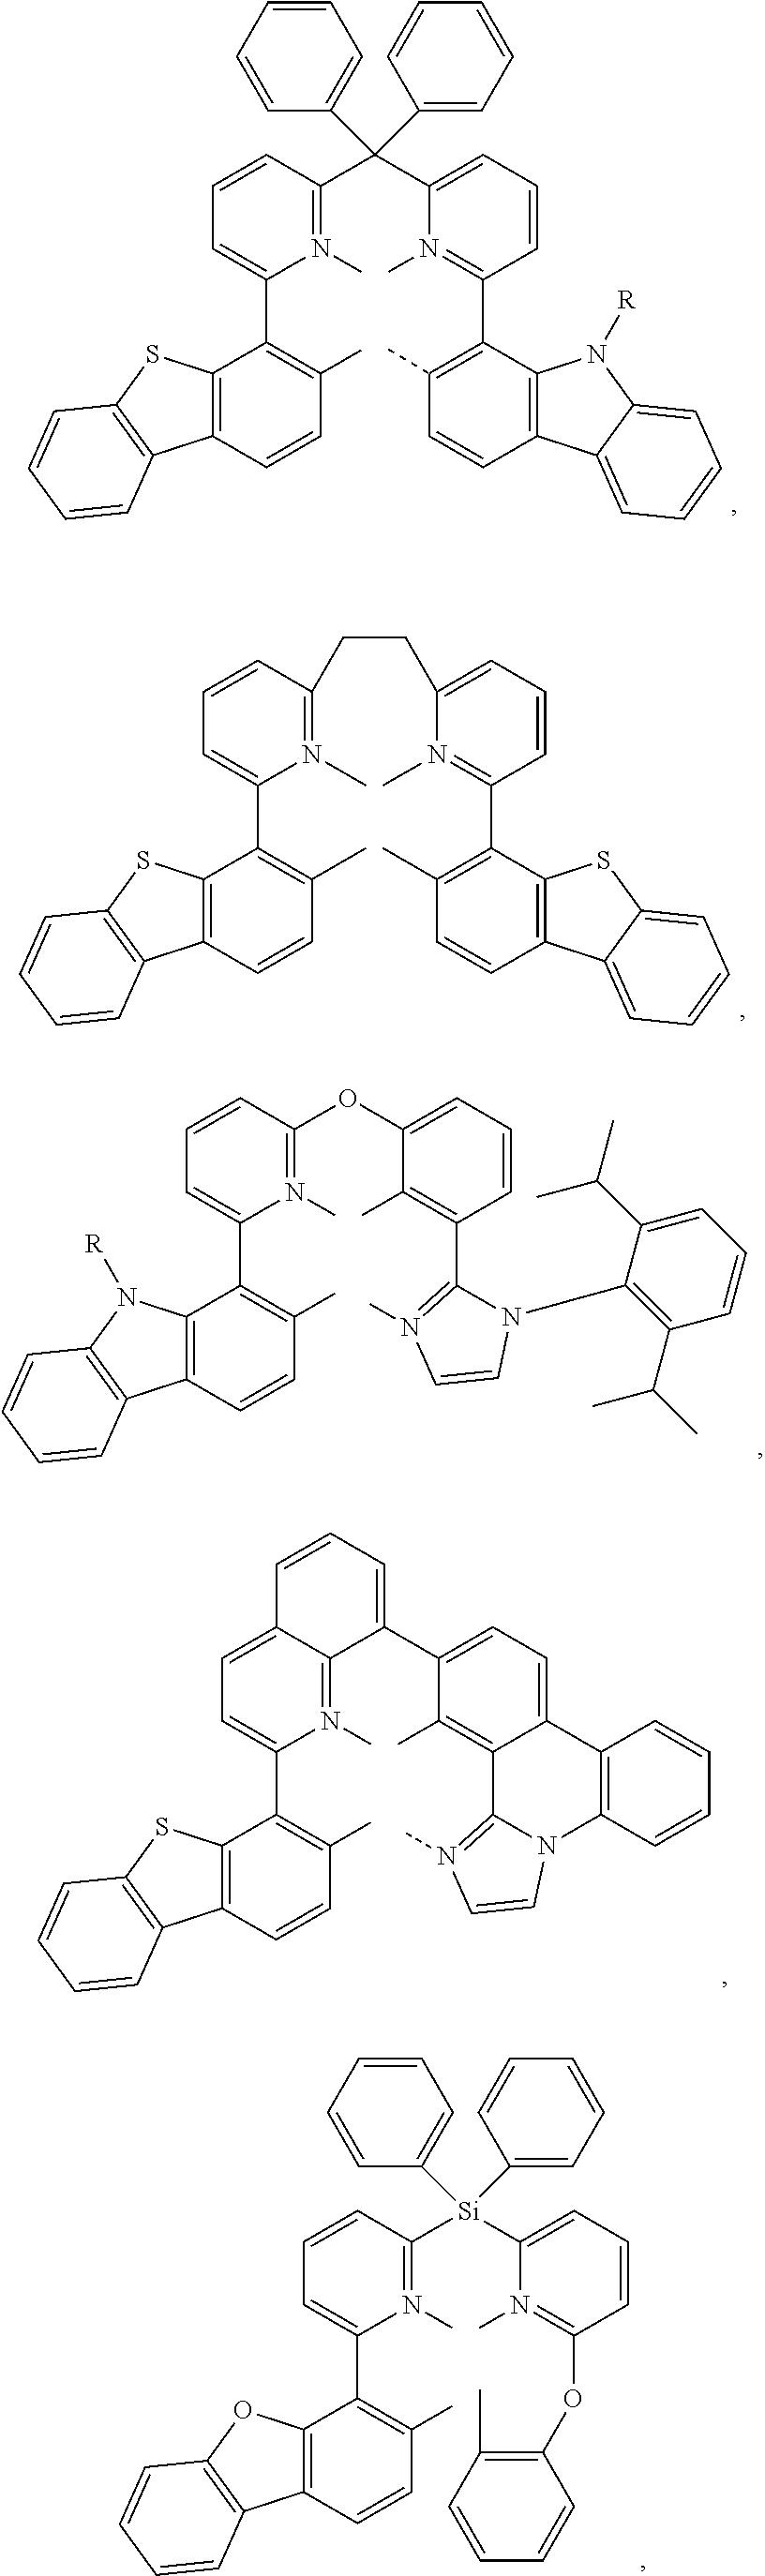 Figure US10056565-20180821-C00037